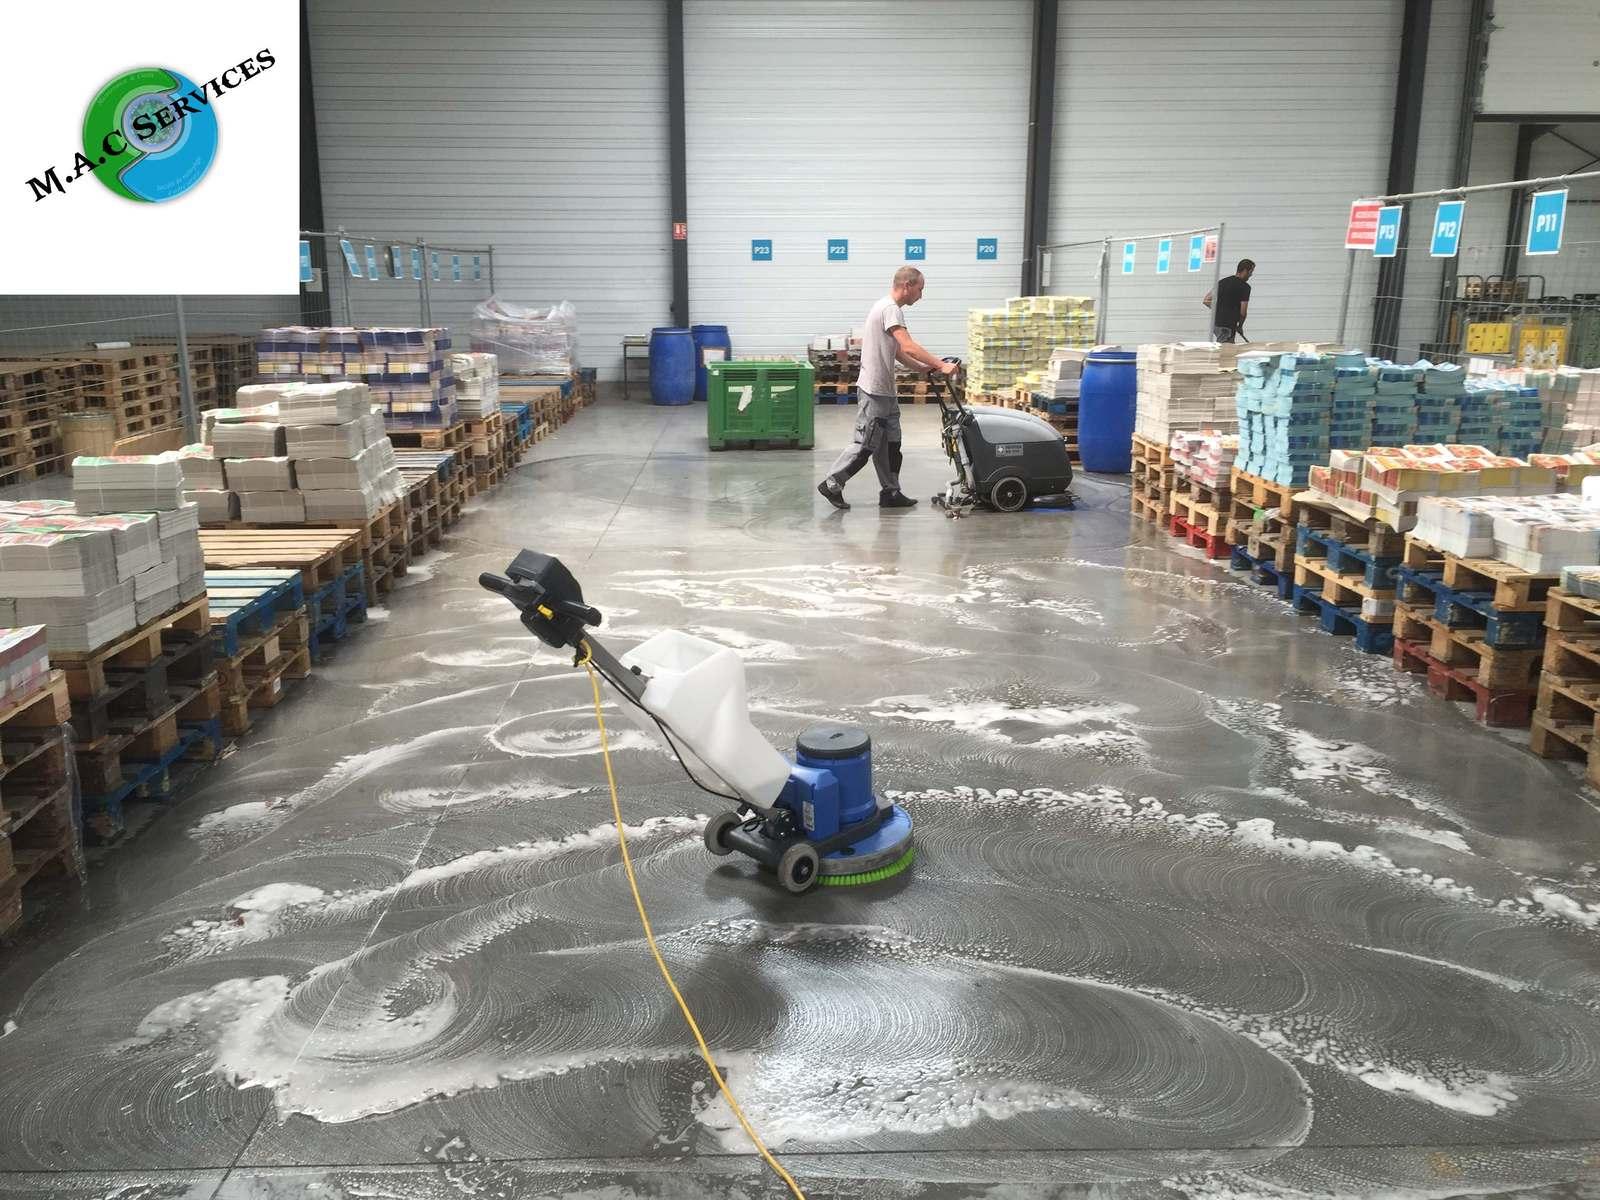 Décapage des sols de l'usine de MEDIAPOST à Andrézieux-Bouthéon 42160 - Maintenance And Clean Services